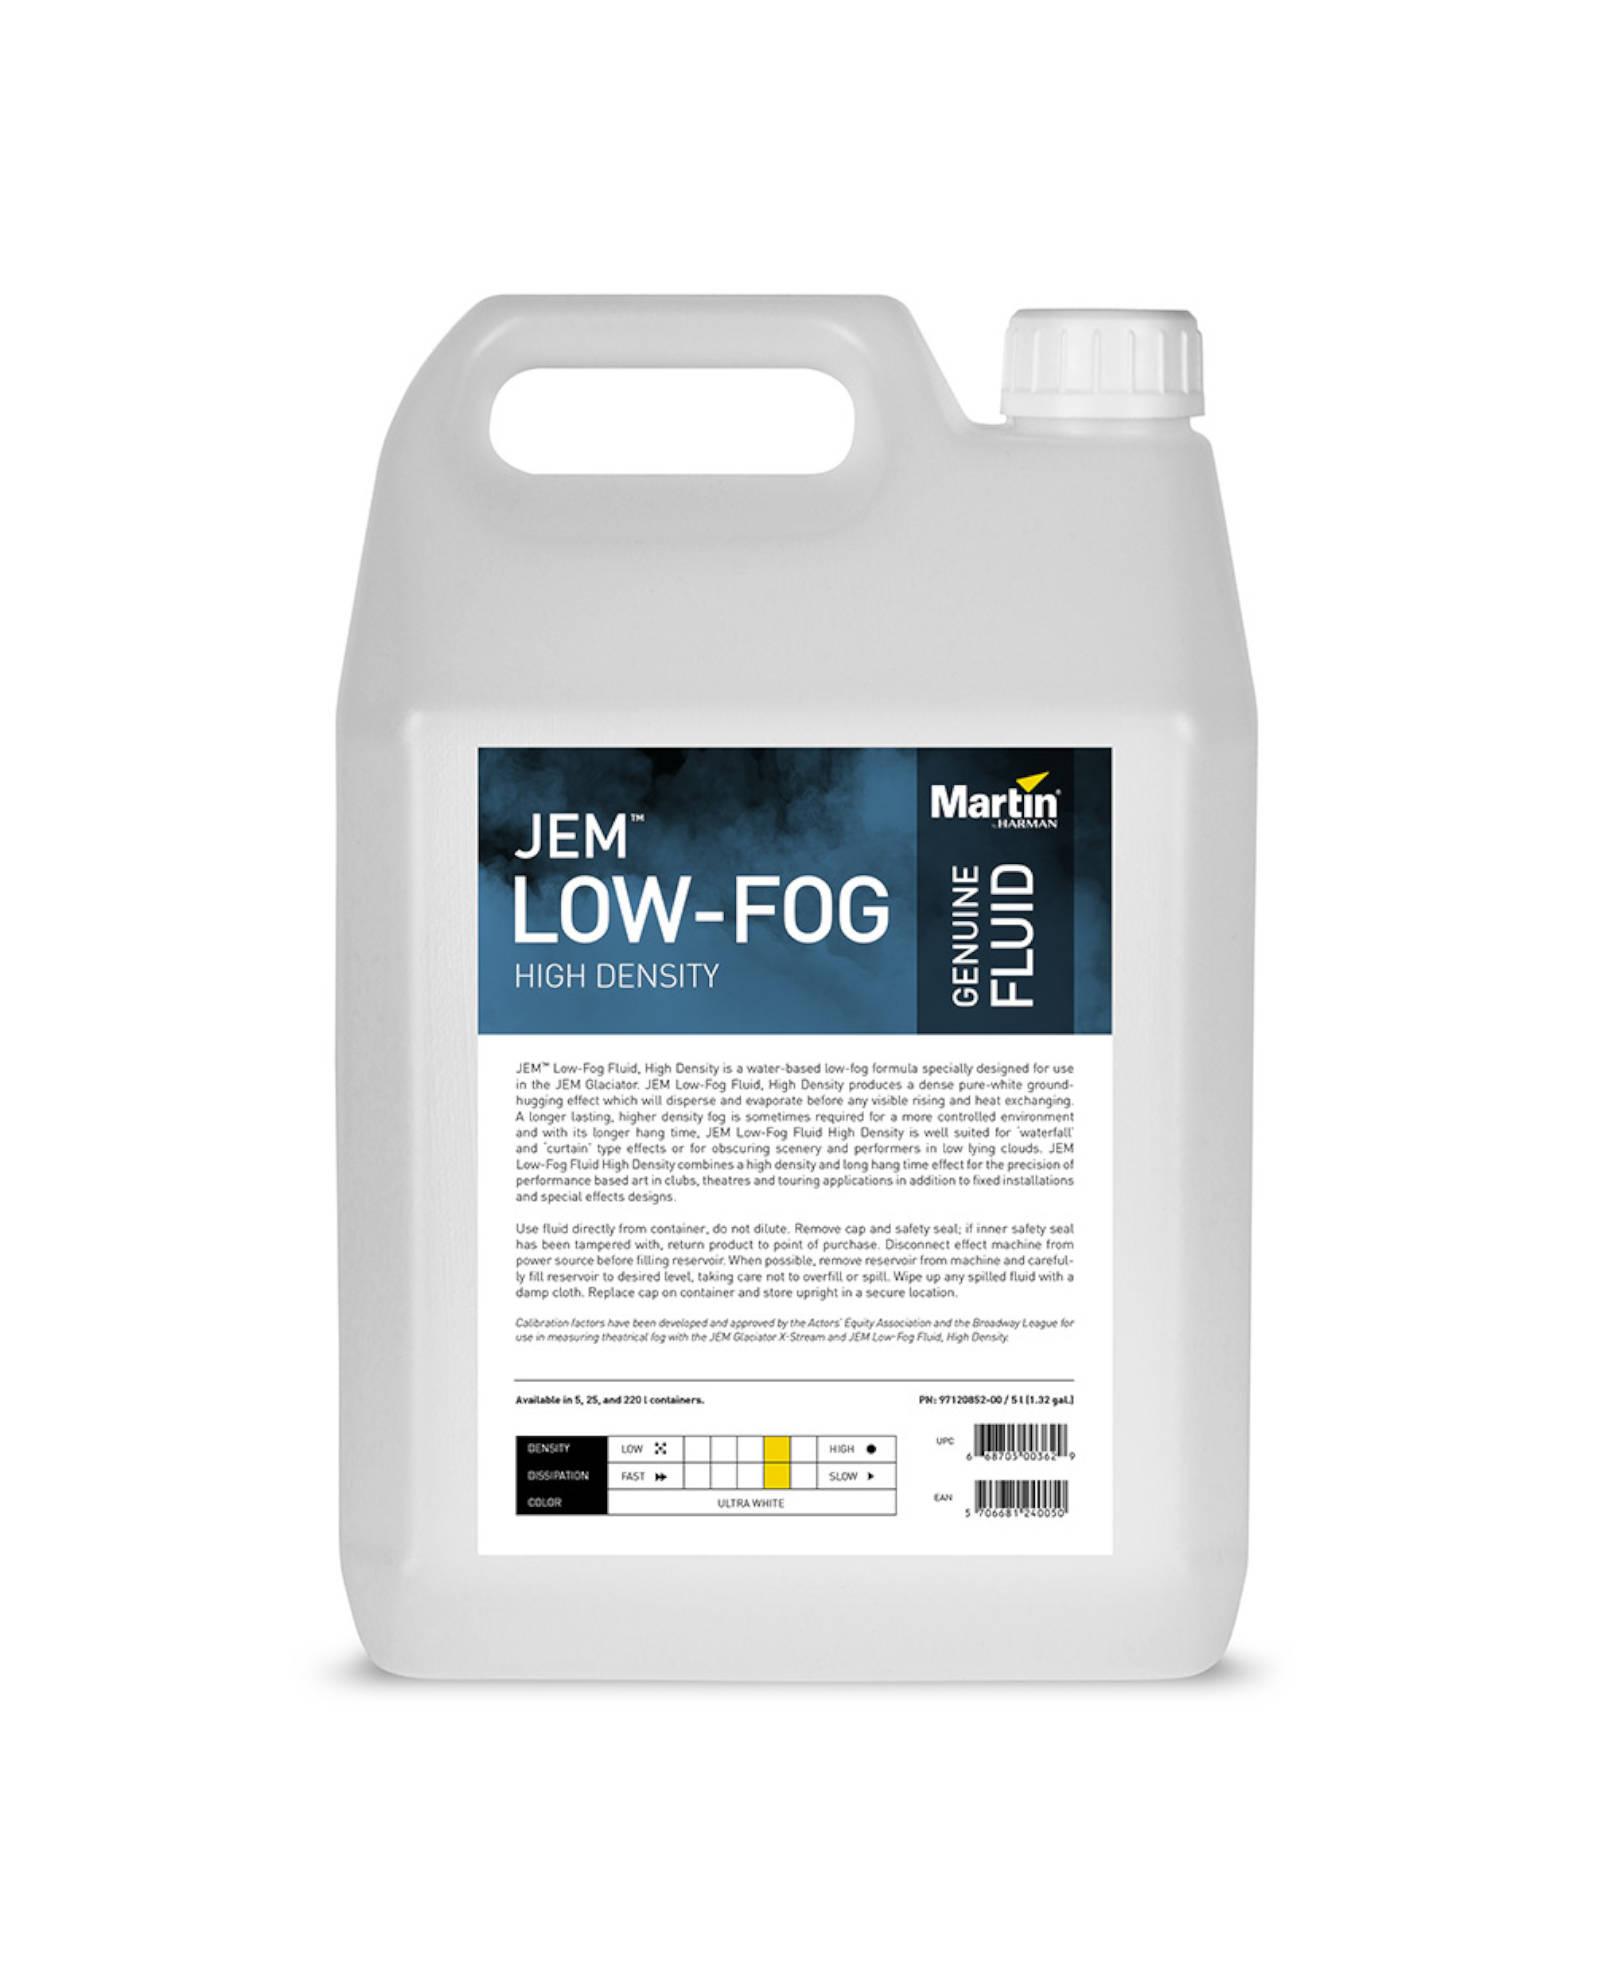 Jem Low Fog Fluid, High Density